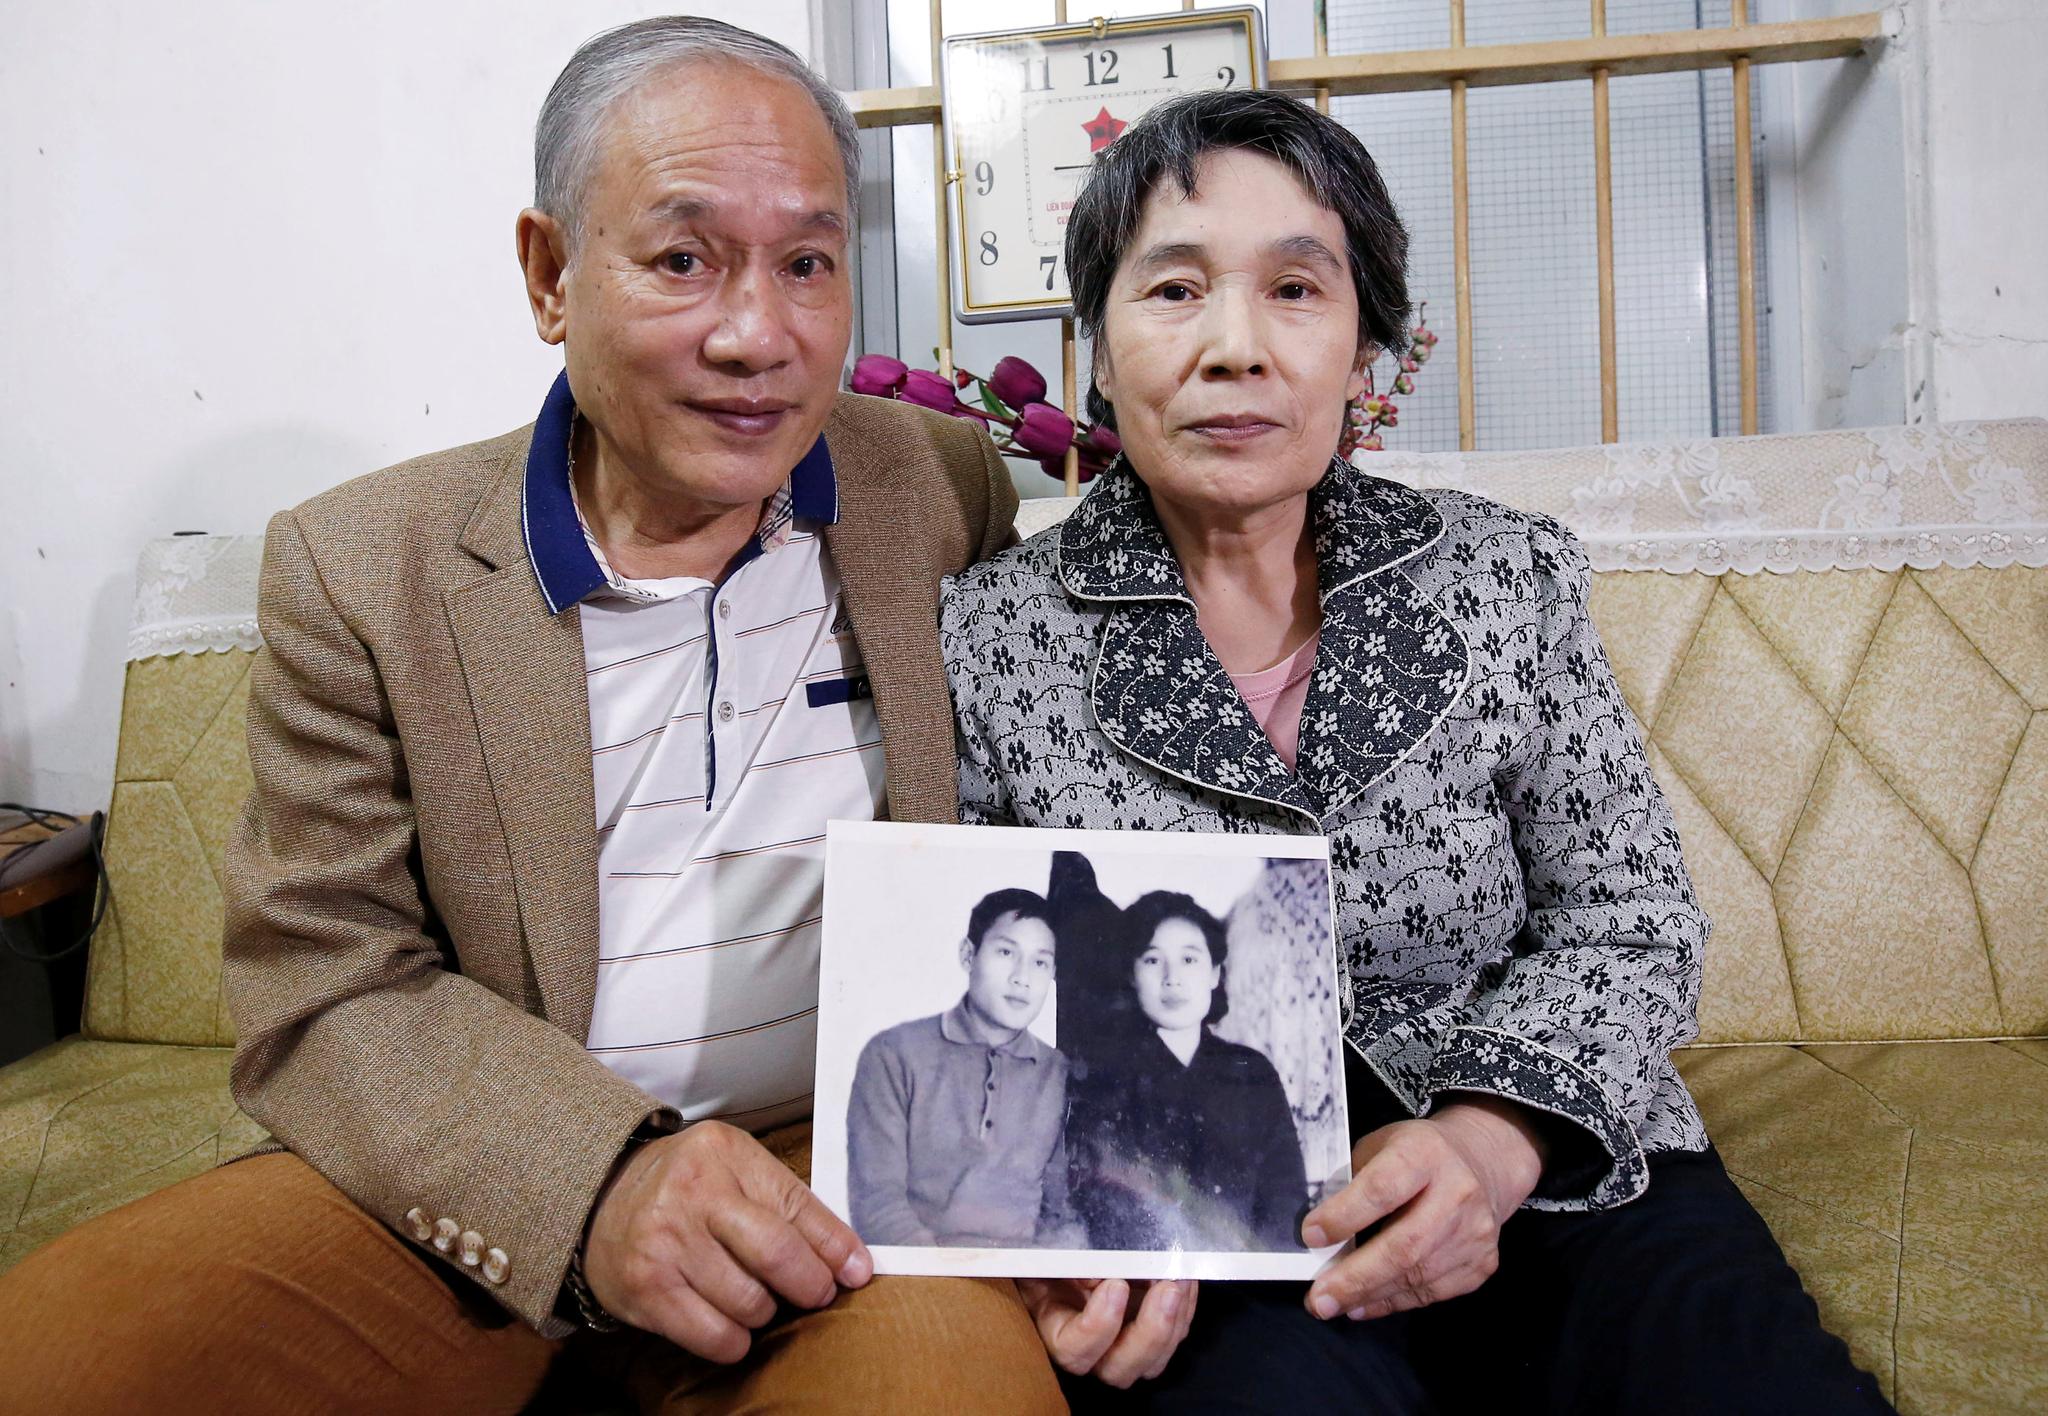 팜 녹 칸과 이영희 씨 부부가 13일(현지시간) 48년 전 촬영한 흑백 사진을 들어보이고 있다.[로이터=연합뉴스]